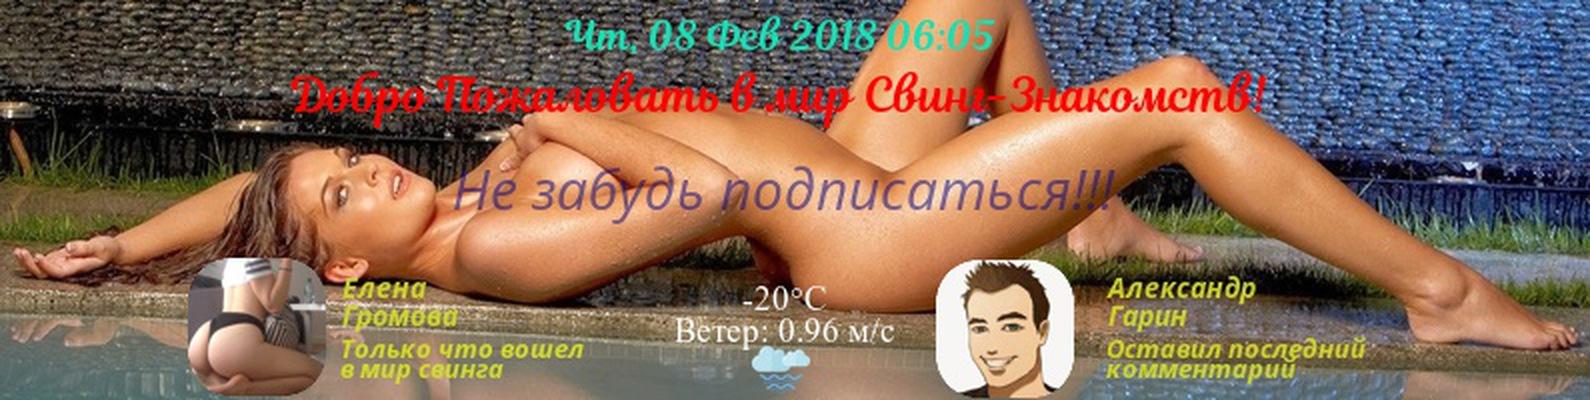 porno-dikarey-znakomstva-dlya-seksa-v-ekaterinburge-chastnie-obyavleniya-obtyagivayushey